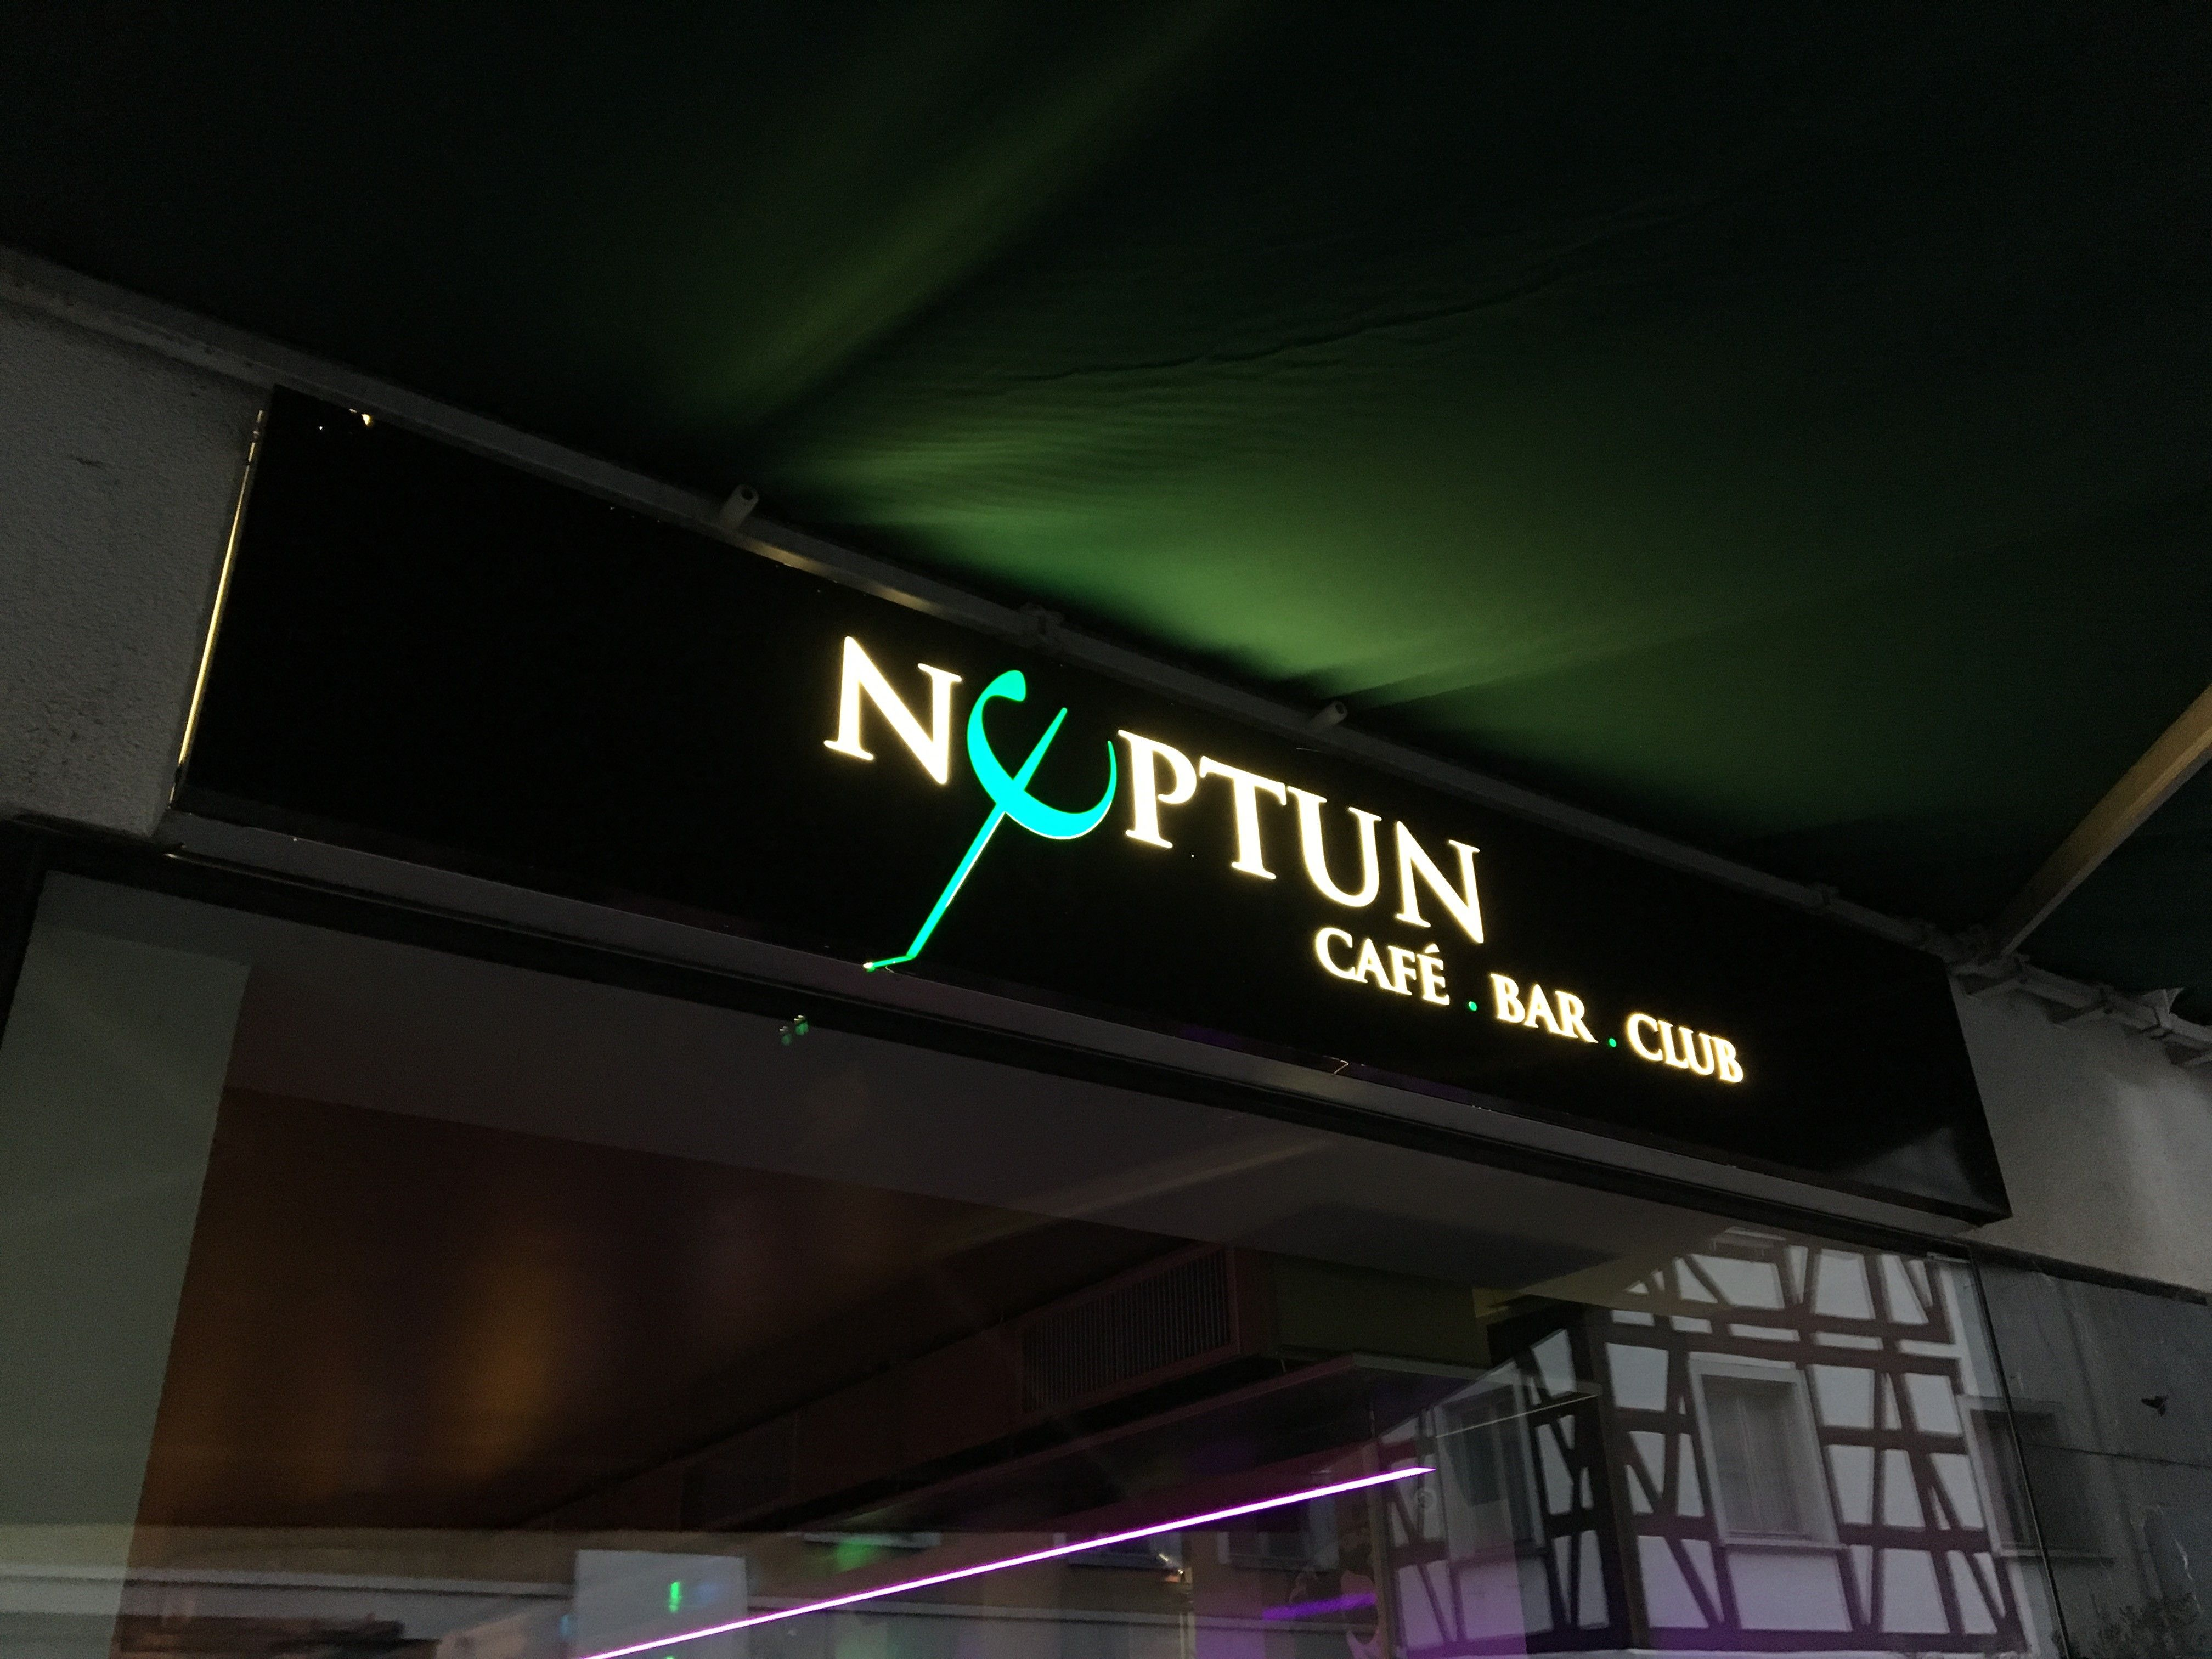 Vorarlberg: Letzte Runde in der Neptun Bar